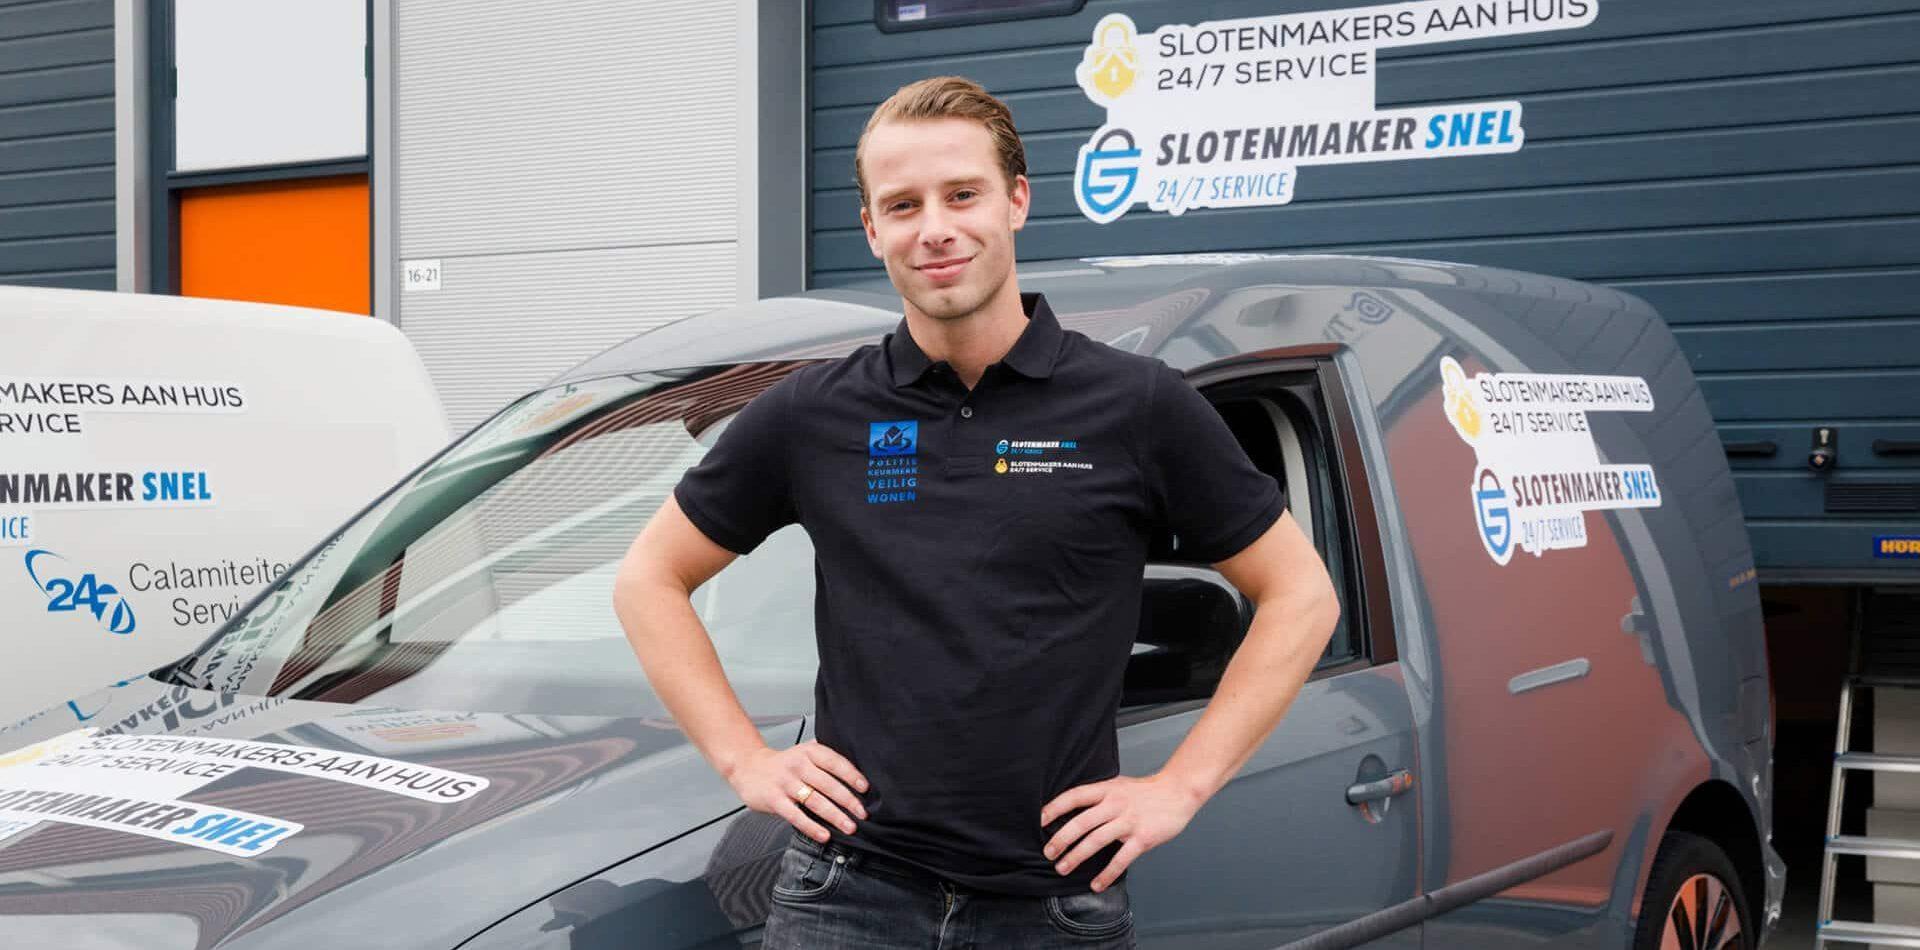 Slotenmaker Heivelden (6)